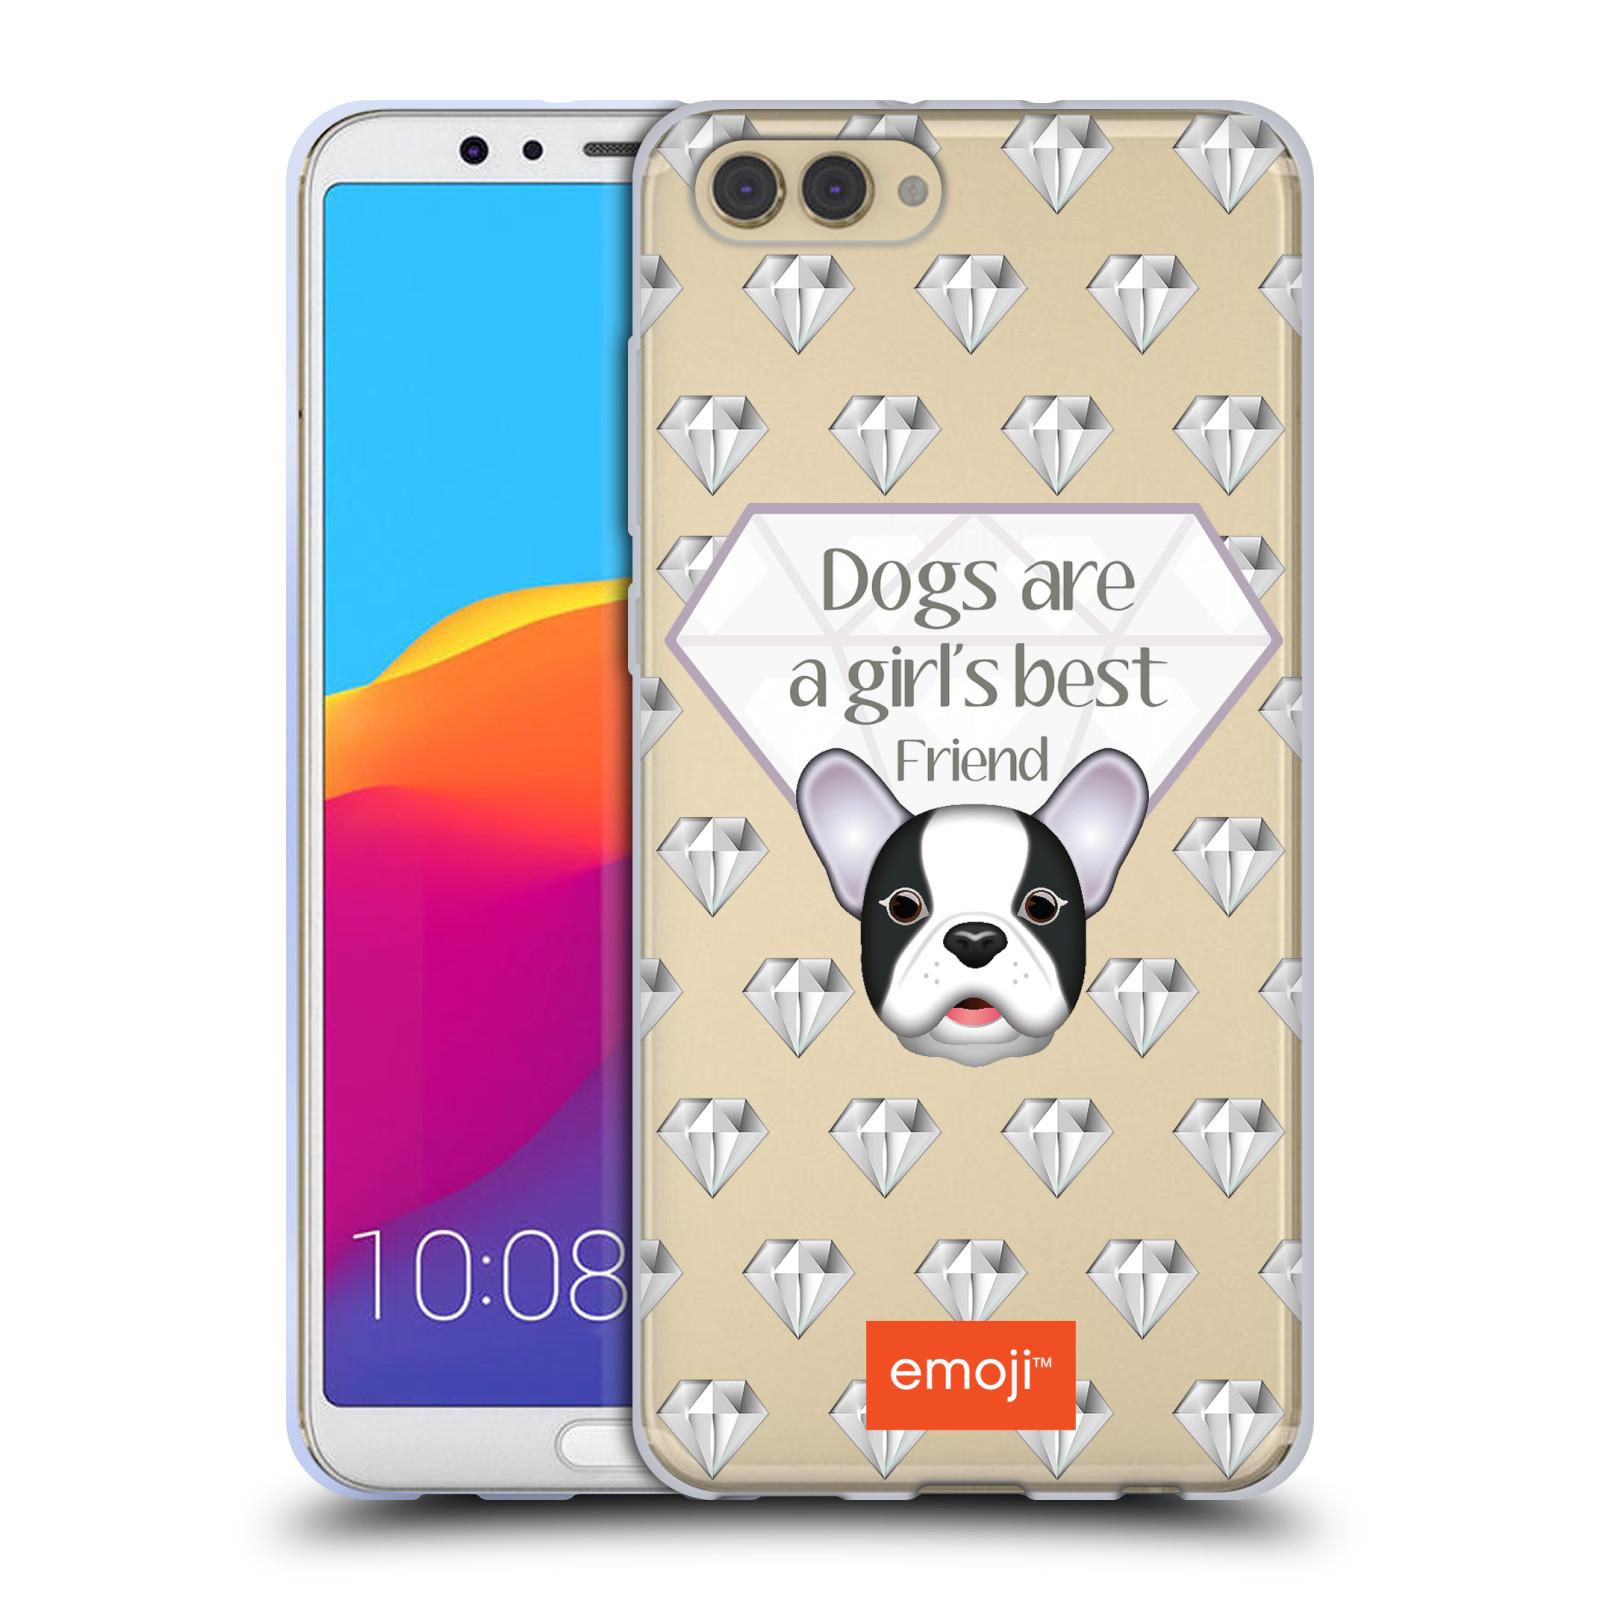 HEAD CASE silikonový obal na mobil Huawei HONOR VIEW 10 / V10 oficiální kryt EMOJI pejsek nejlepší přítel ženy